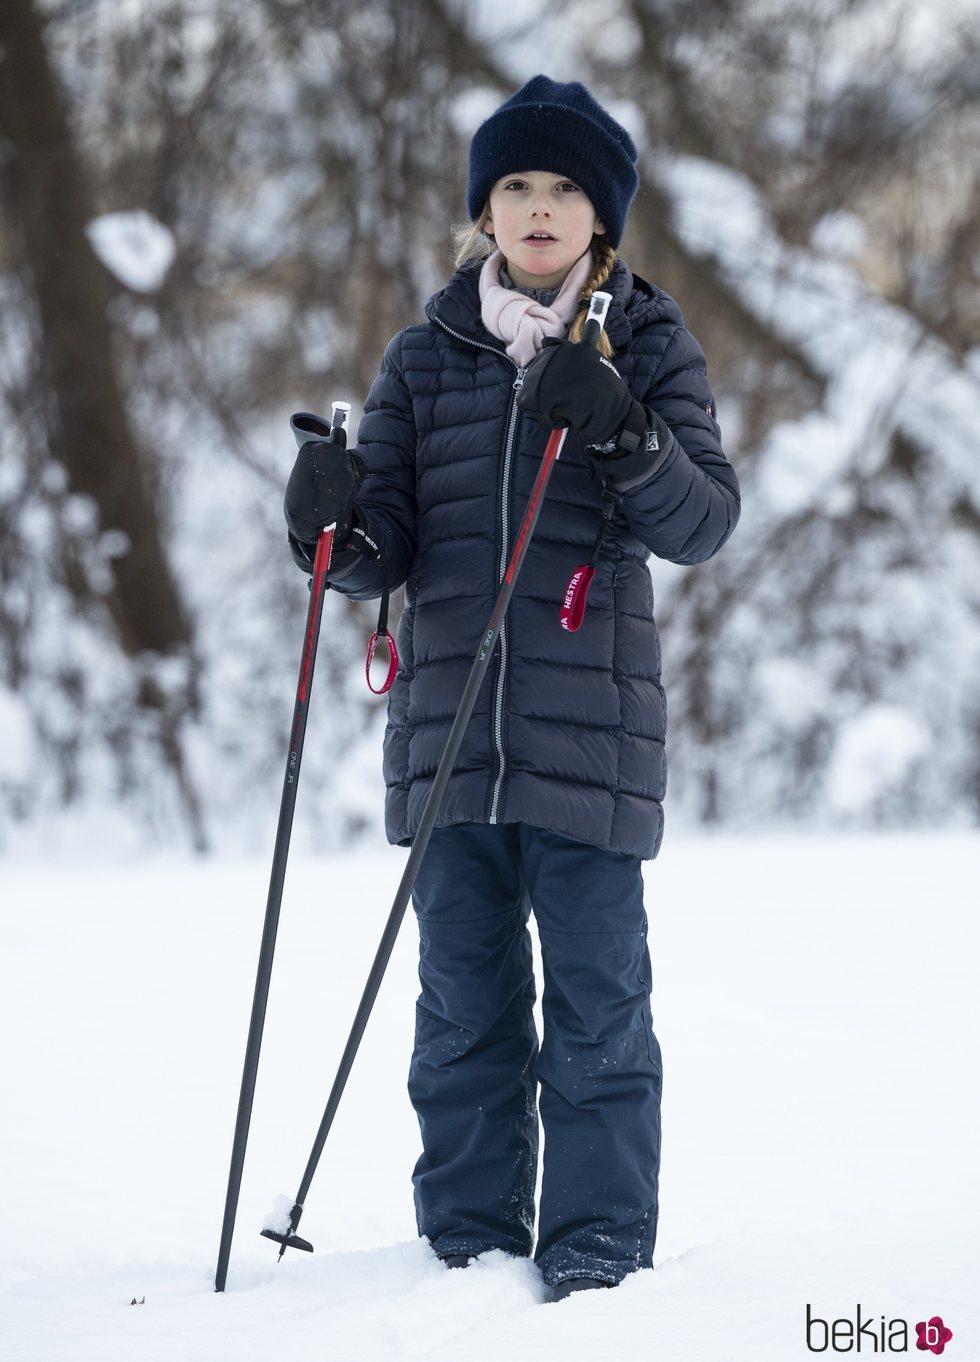 La Princesa Estela de Suecia posando en la nieve